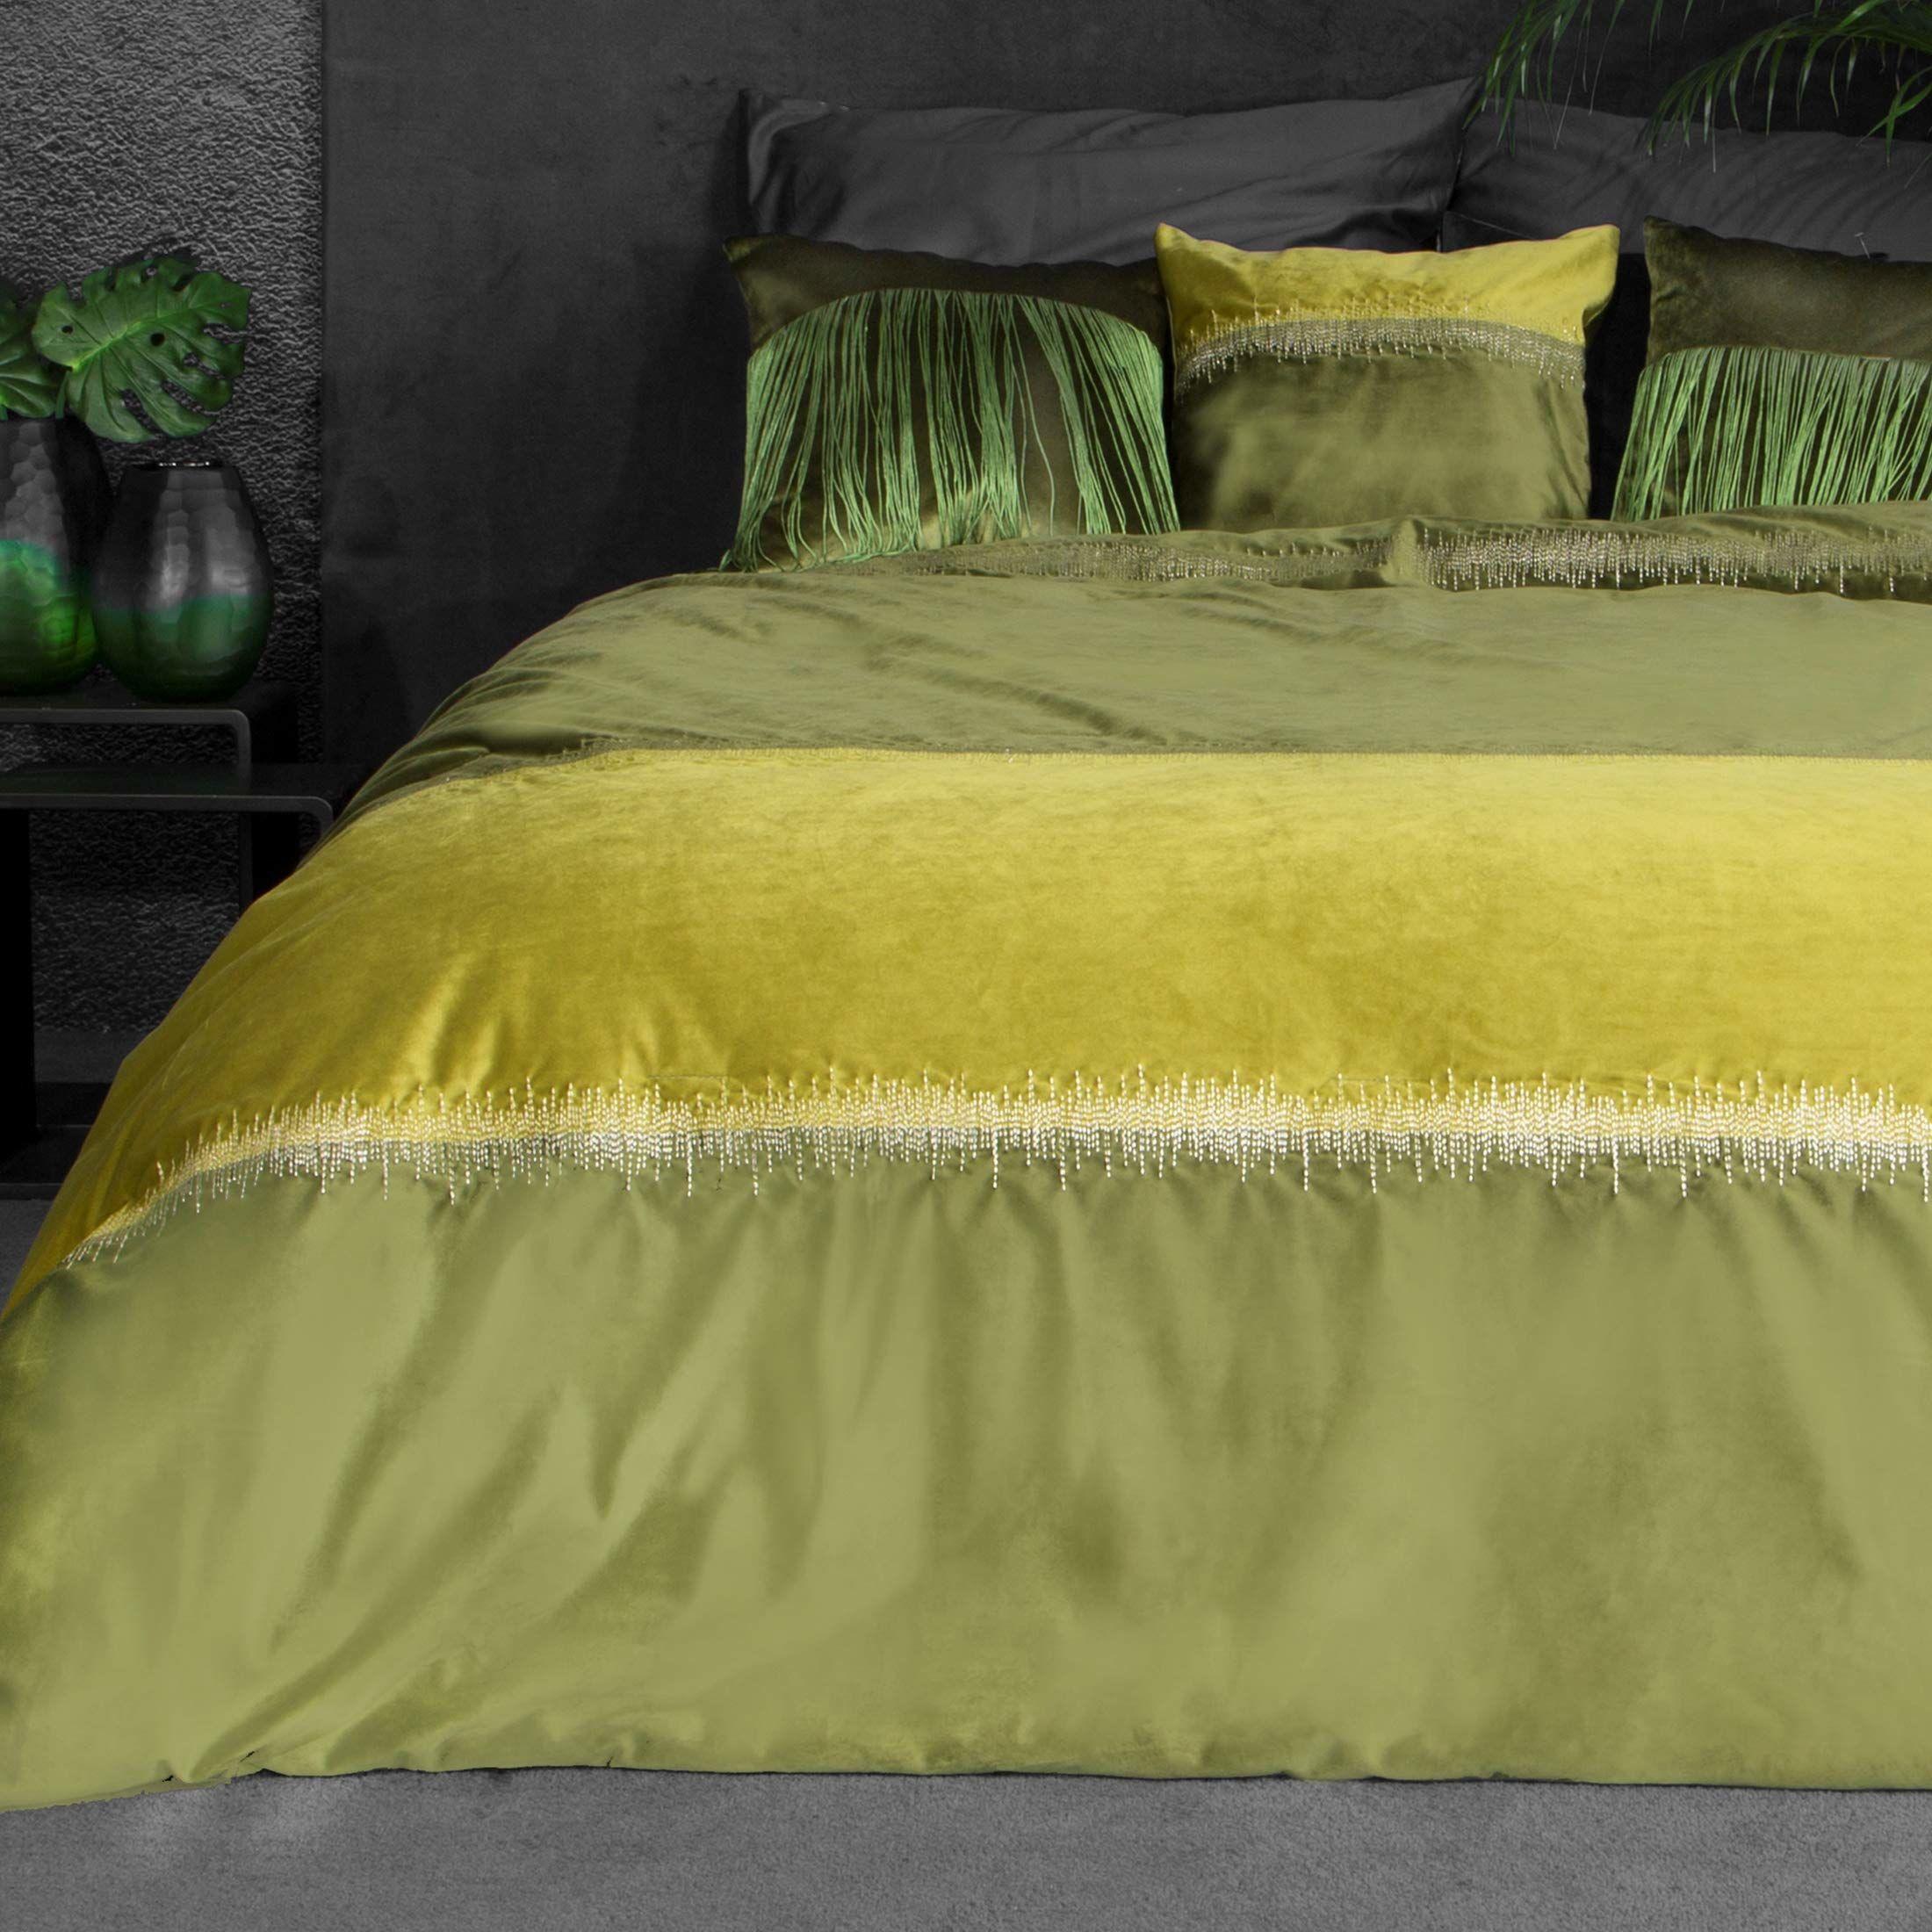 Eurofirany narzuta na łóżko, aksamitna narzuta na łóżko, szwem metalowym, elegancka do sypialni, salonu, pokoju gościnnego, lounge, oliwkowa zieleń, 220 x 240 cm